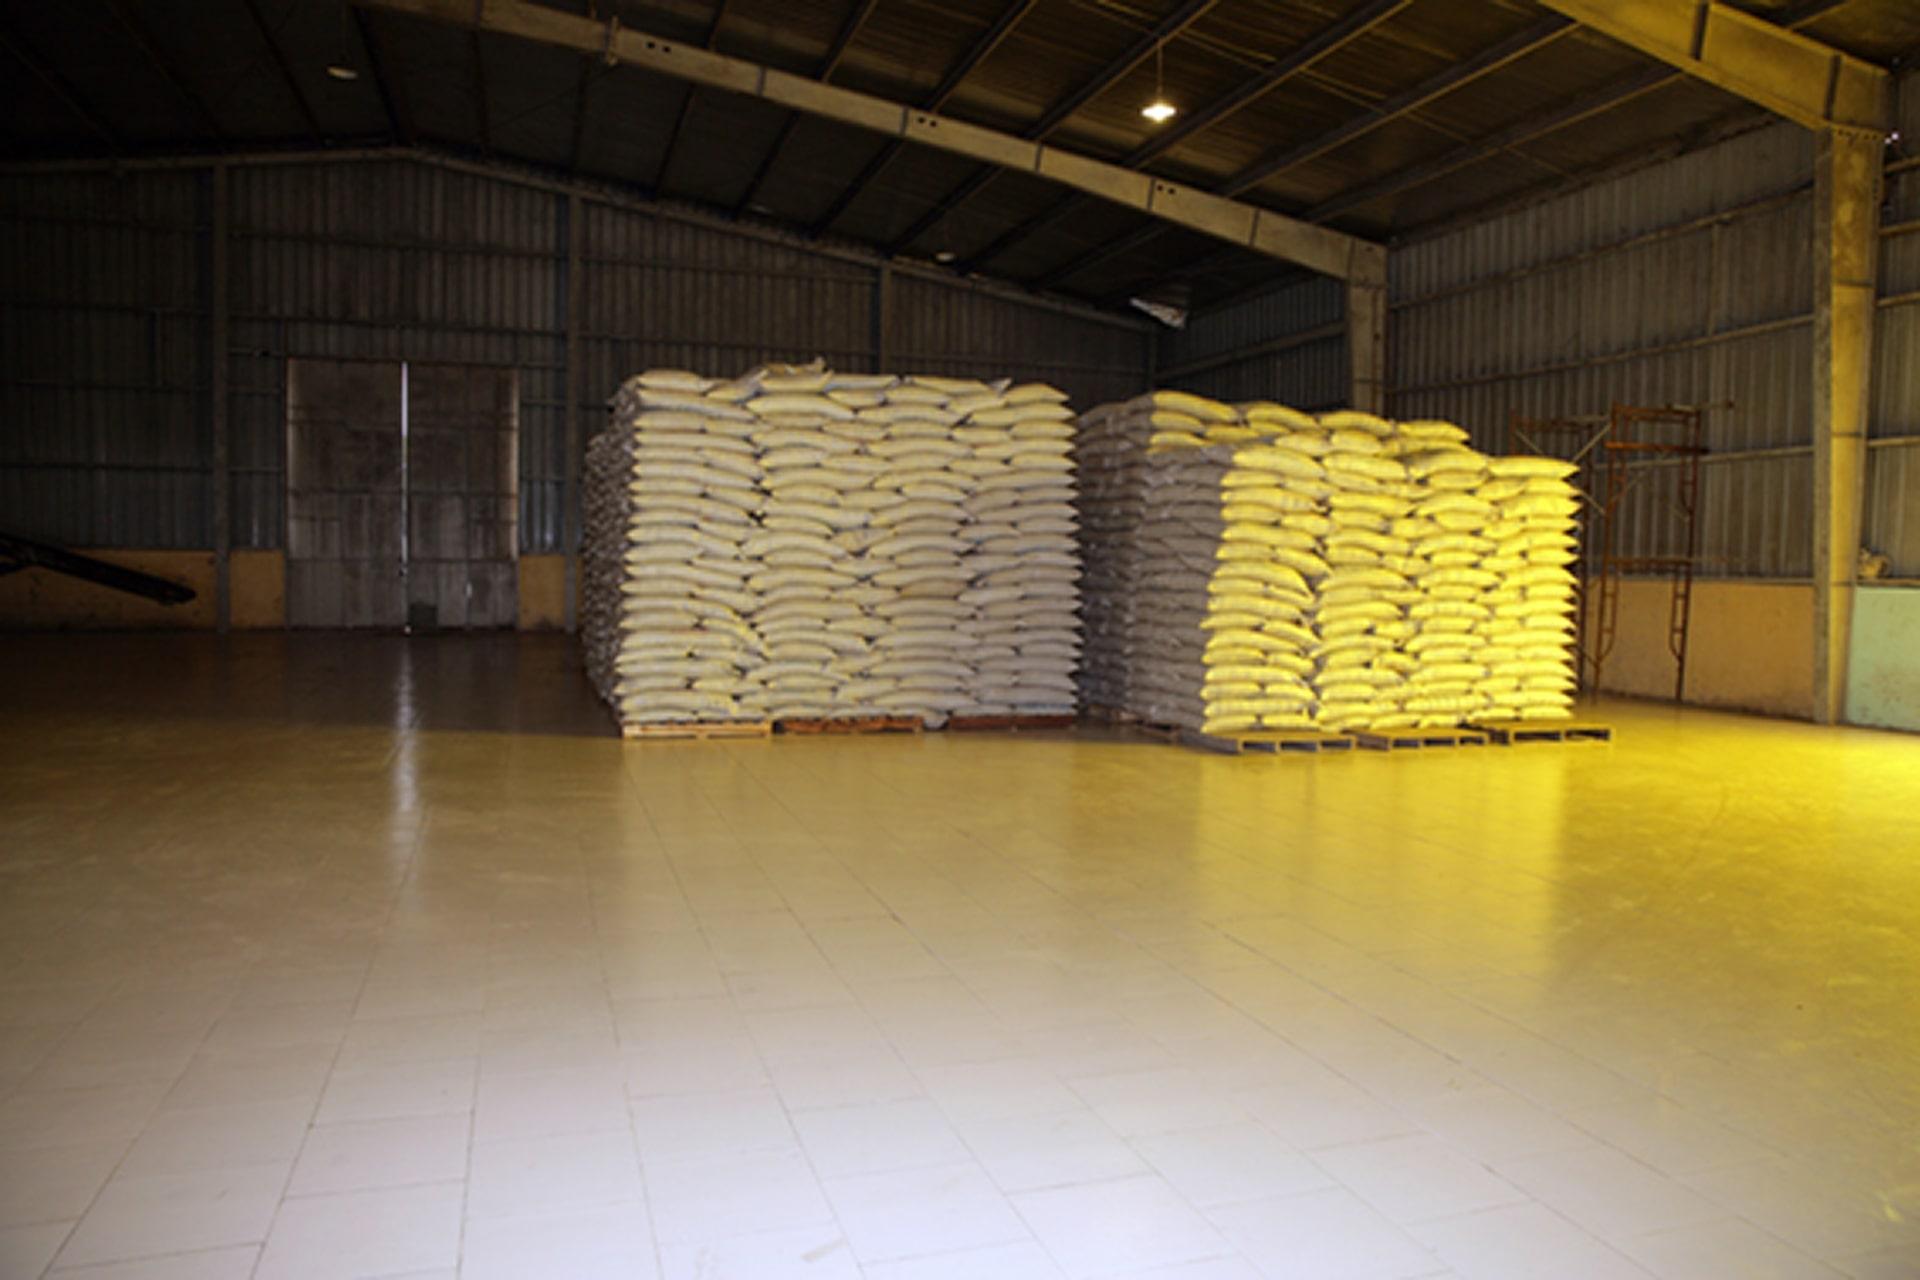 Công ty sản xuất bột cá giá rẻ và chất lượng nhất tại Vũng Tàu